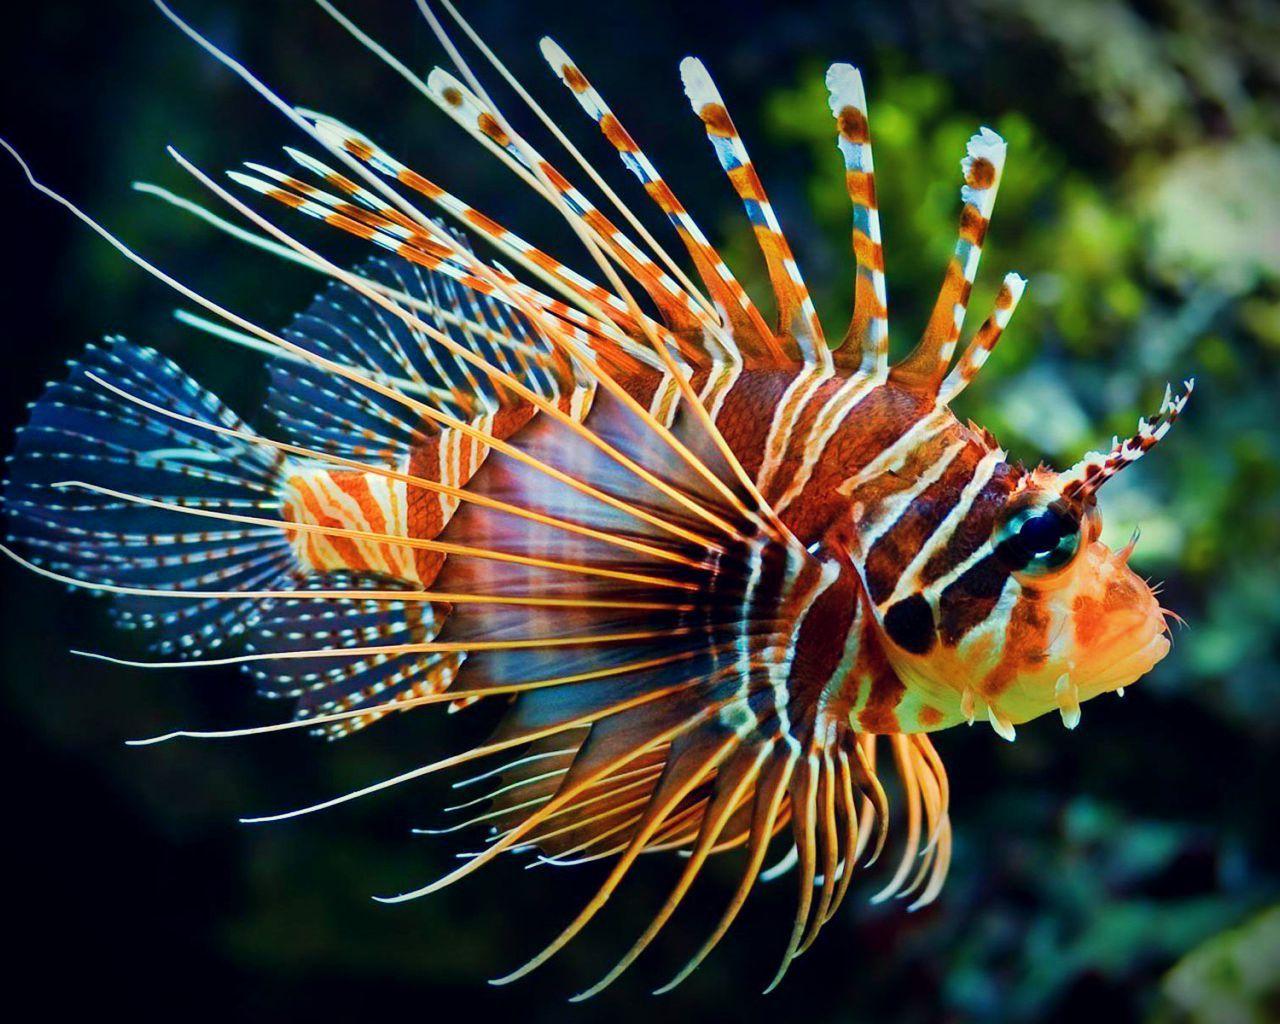 картинки экзотических рыб с названиями своему первому авто